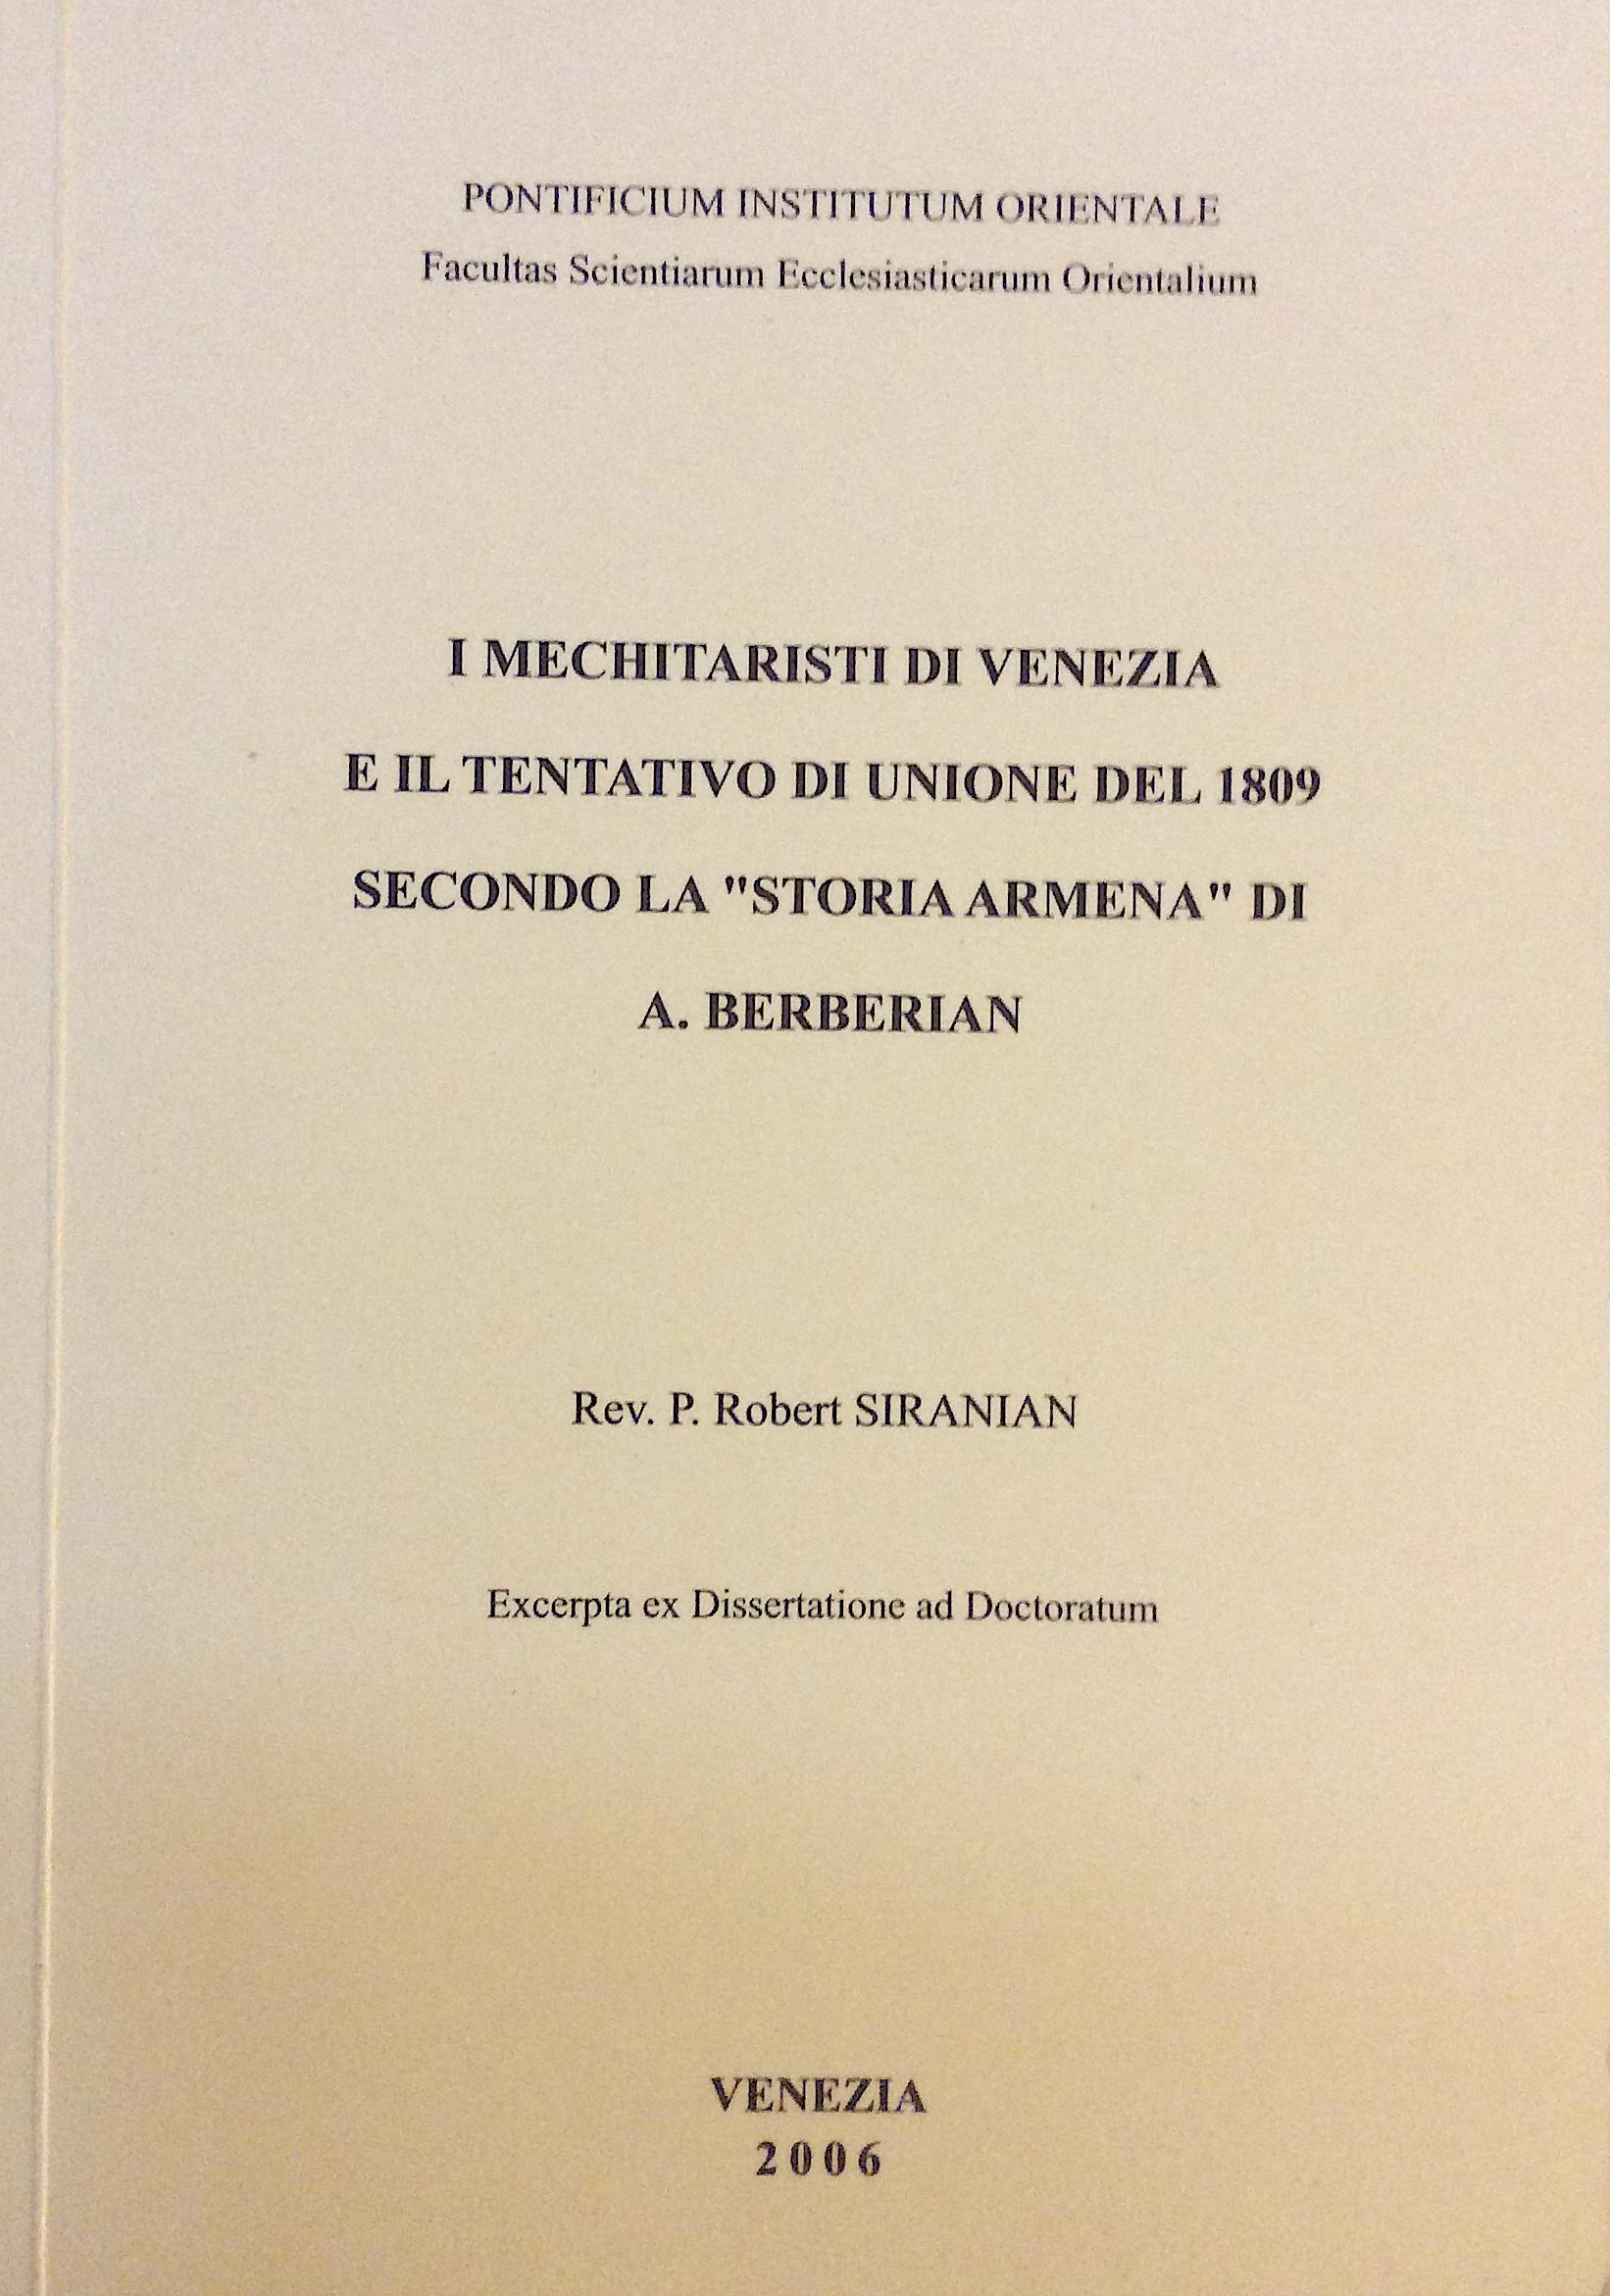 """I Mechitaristi di Venezia e il tentativo di unione del 1809 secondo la """"Storia Armena"""" di A. Berberian"""